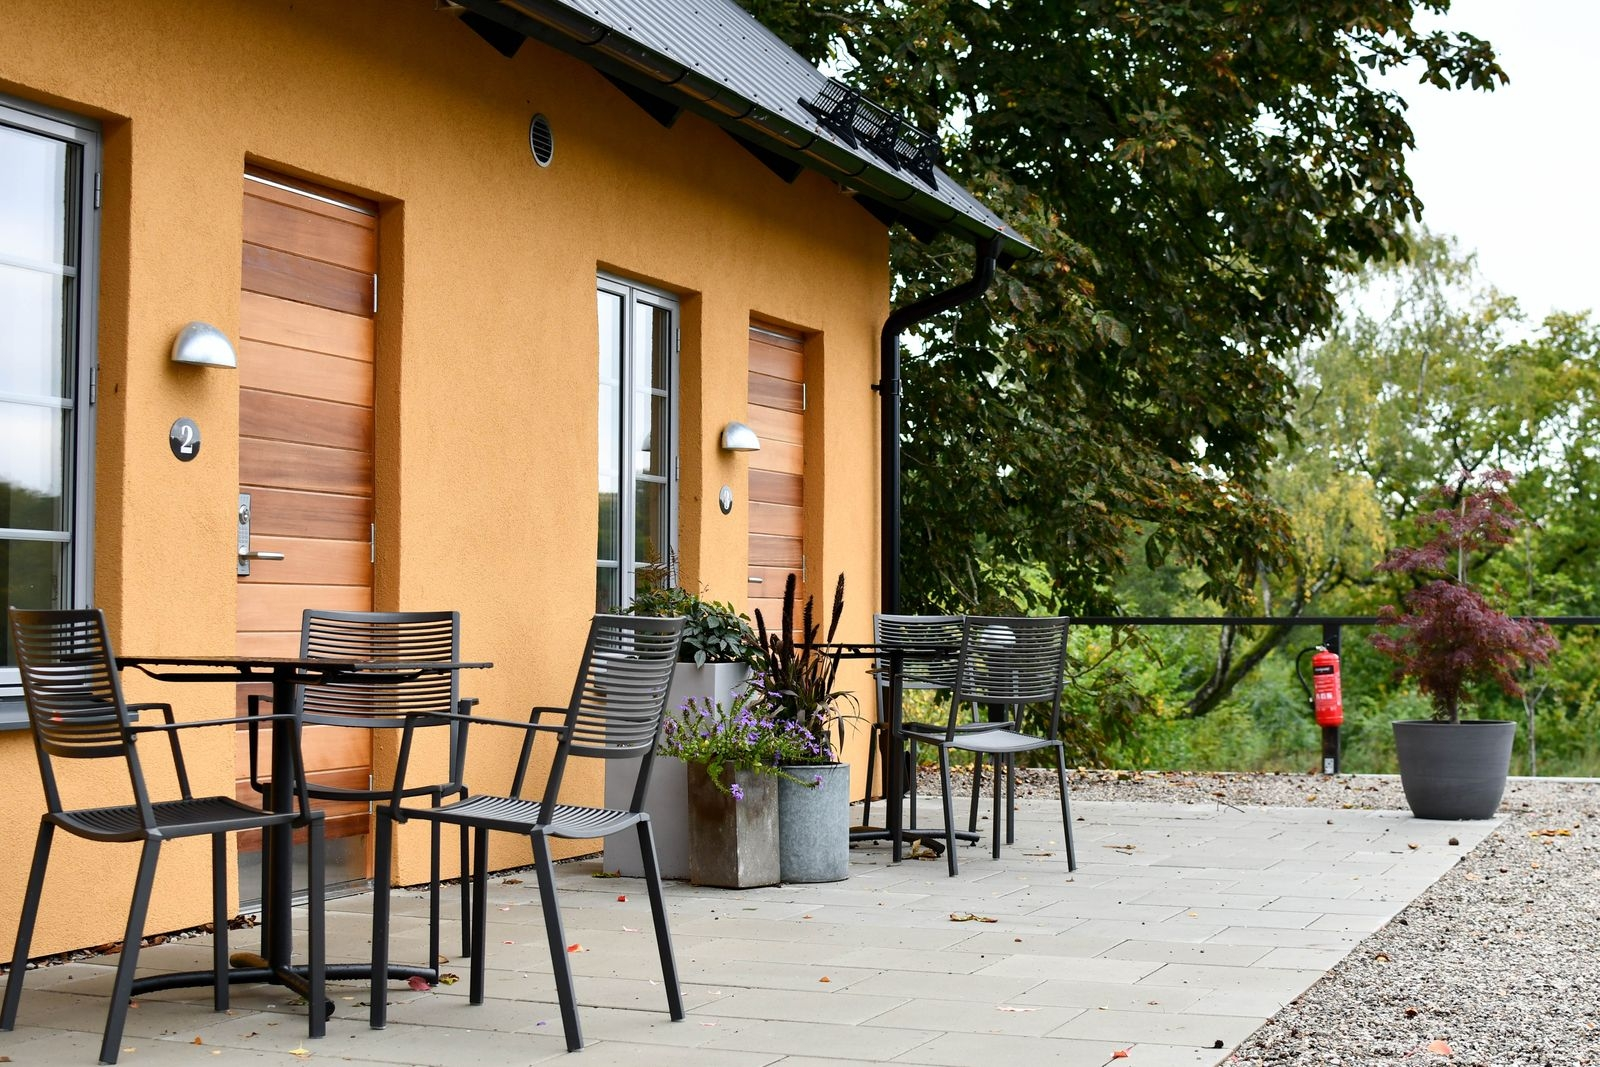 Gårdshotellet består av sju rum. Sex på nedre plan och ett på övre plan, som dessutom rymmer ett sällskapsrum.